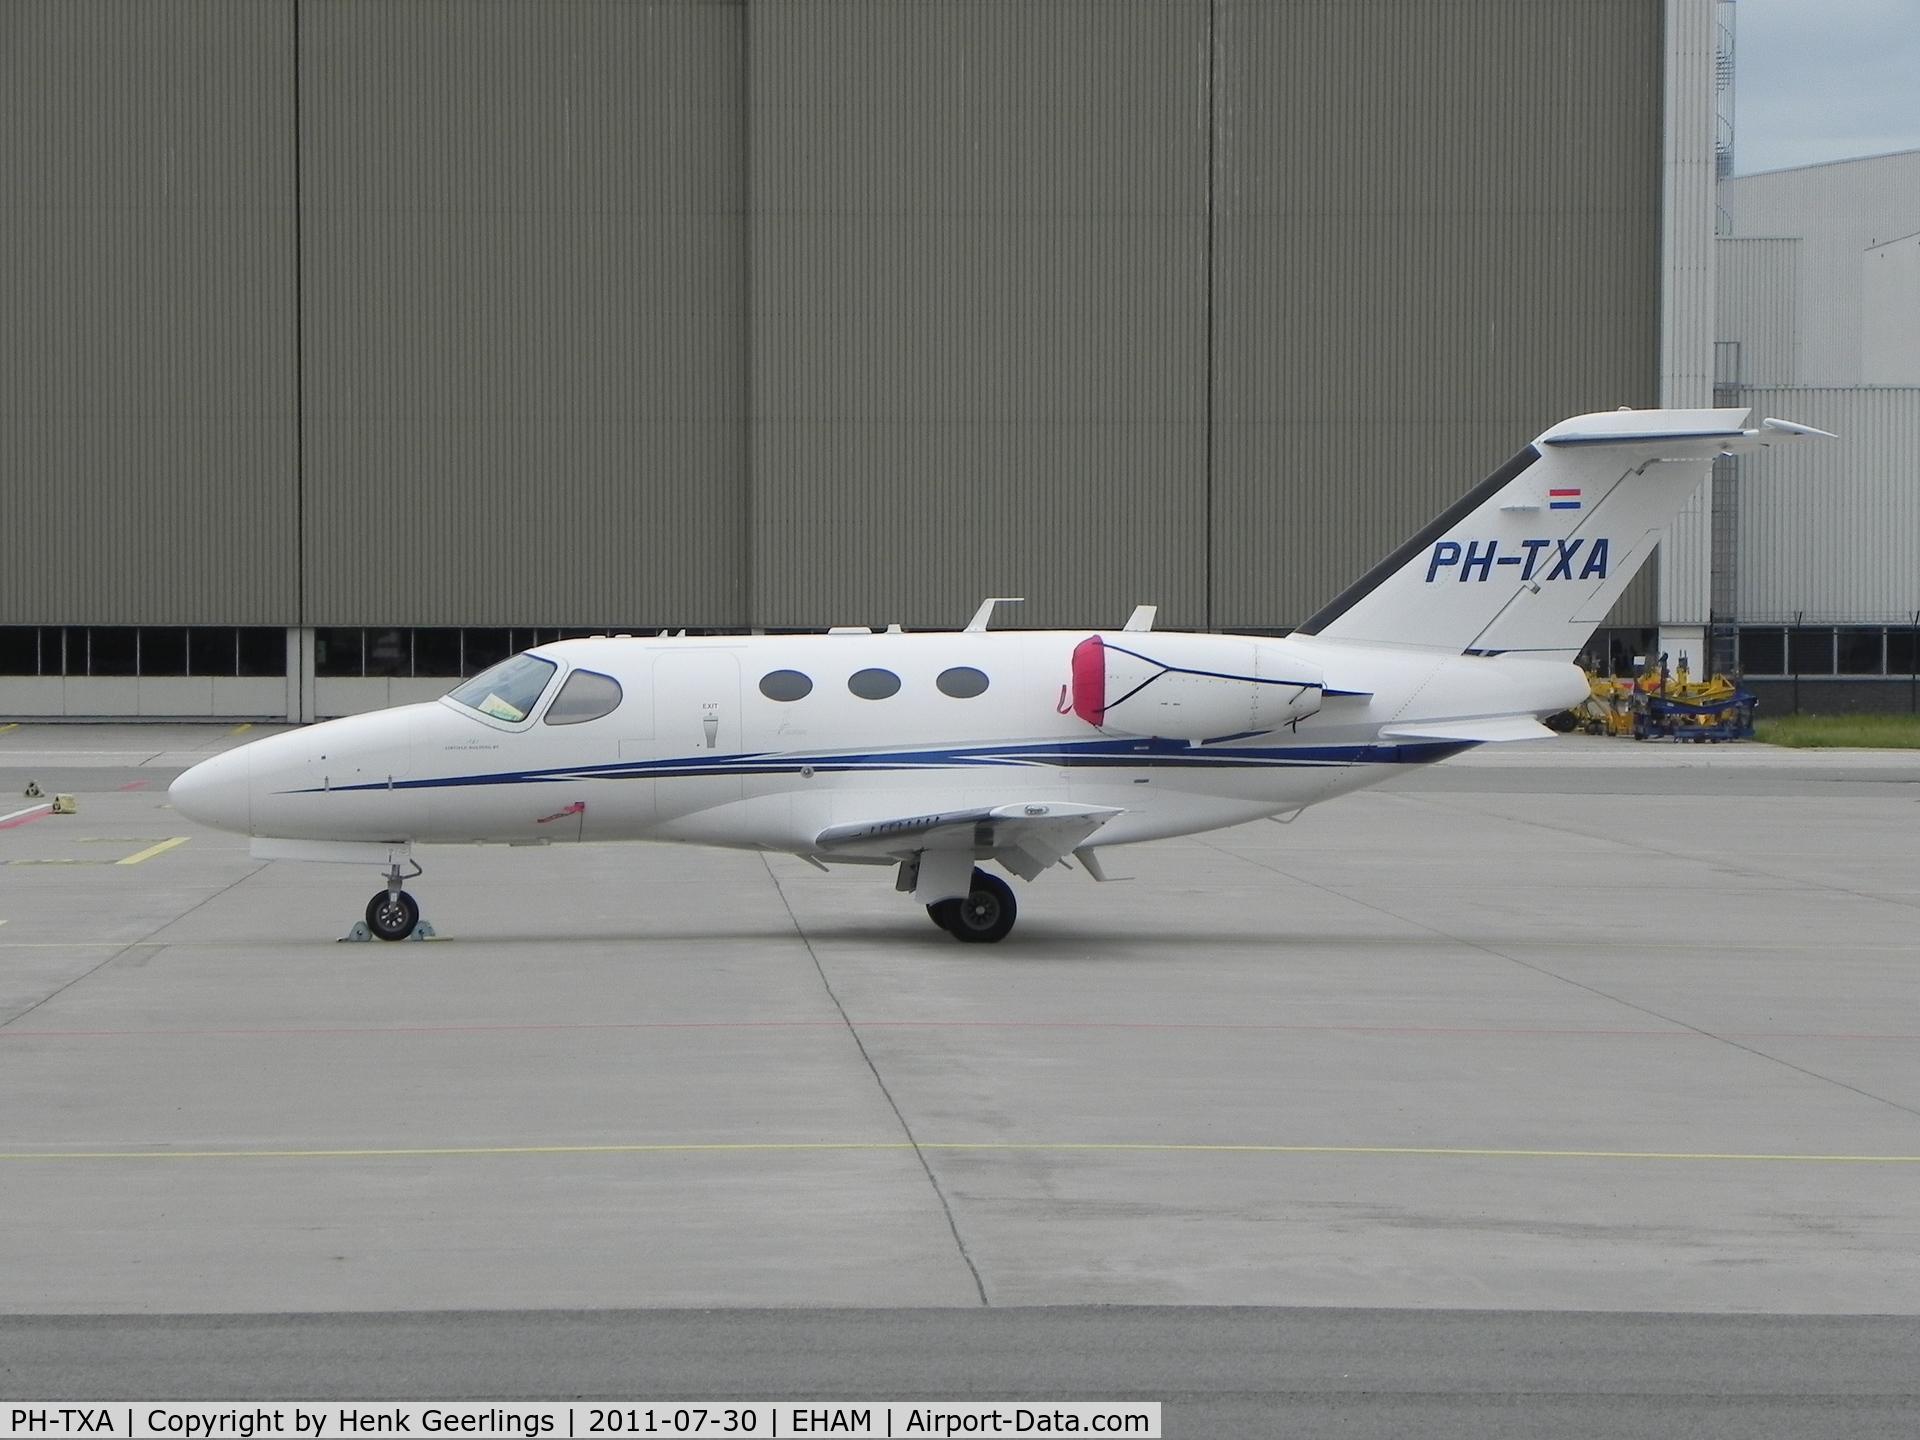 PH-TXA, 2008 Cessna 510 Citation Mustang Citation Mustang C/N 510-0111, Schiphol General Aviation